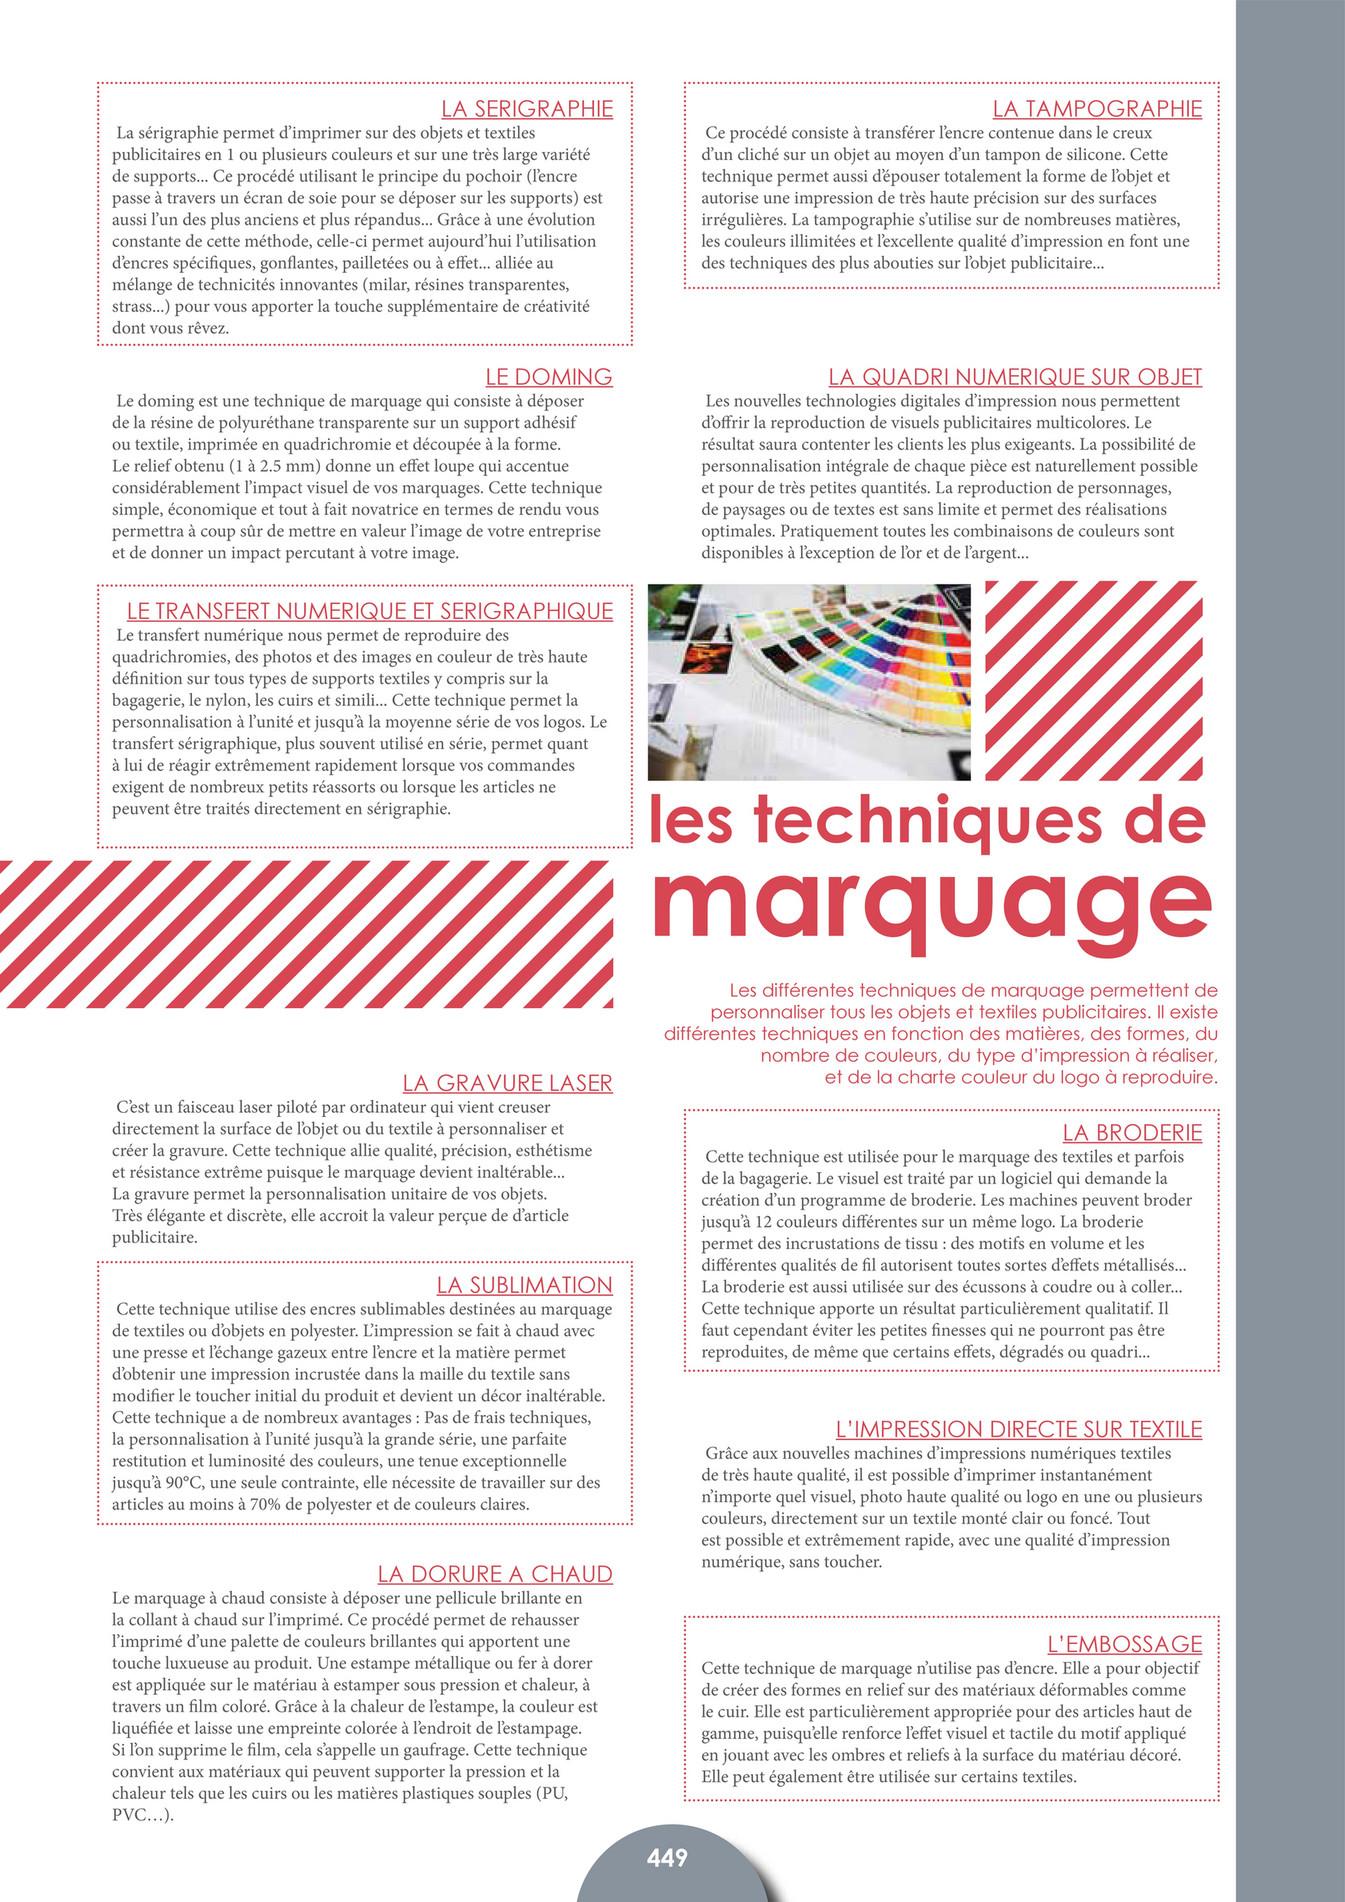 D Ou Vient Le Cuir promedif - catalogue promedif - 2015 - page 450-451